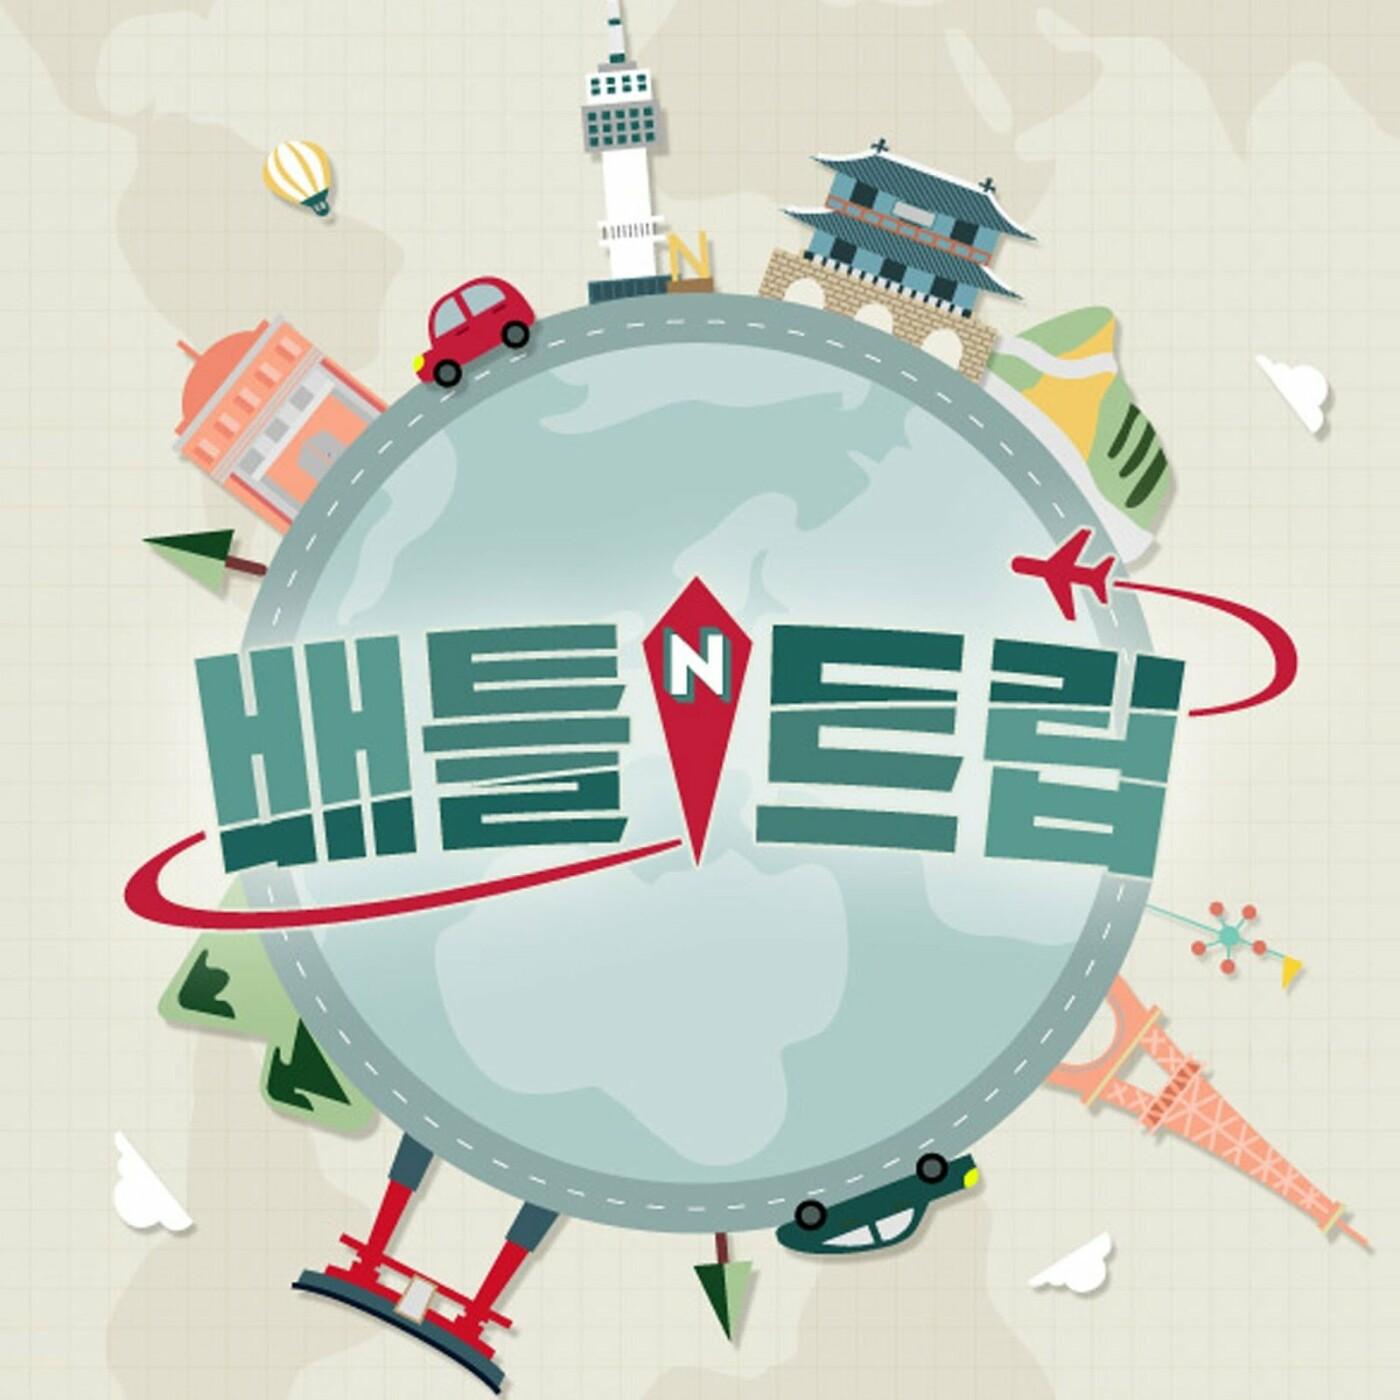 Cənubi Koreya telekanalında Bakı haqqında maraqlı veriliş - FOTO, fotoşəkil-1